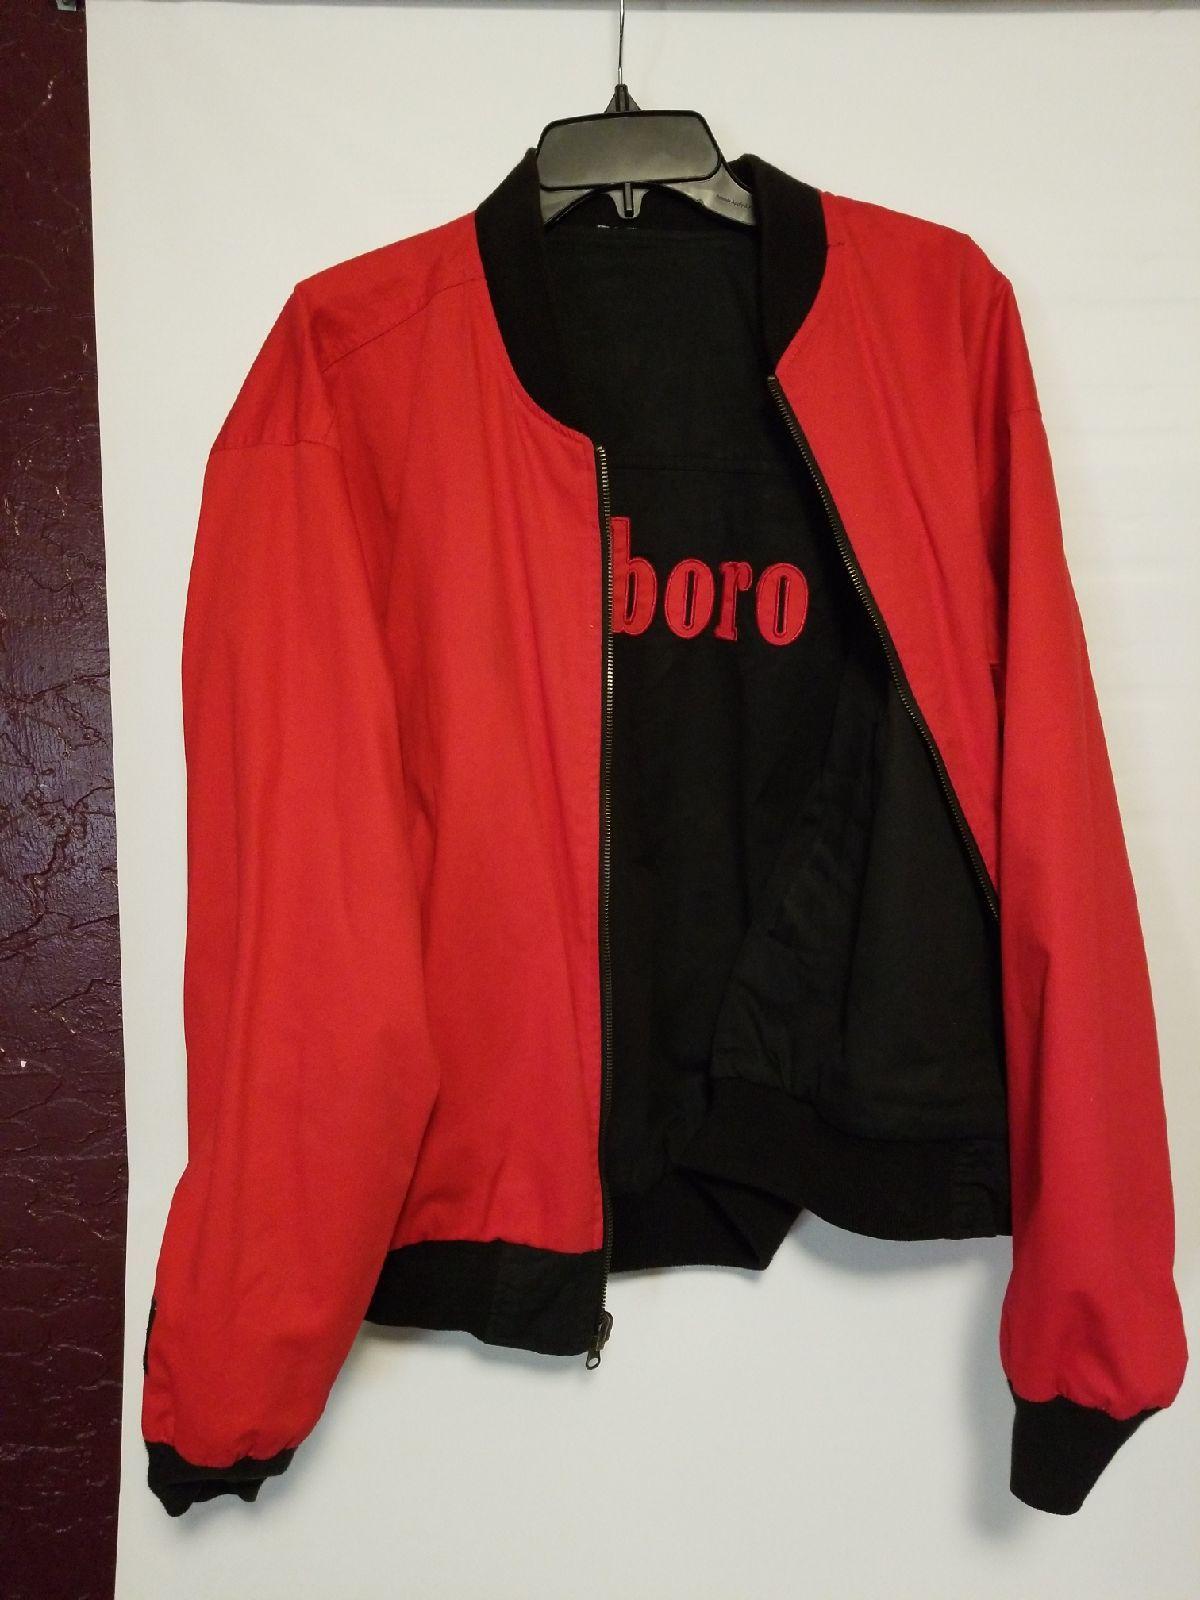 Marlboro Reversible Bomber Jacket Sz L Marlboro Vintage Classic Rugged Bomber Jackets Red Bomber Jacket Vintage Jacket